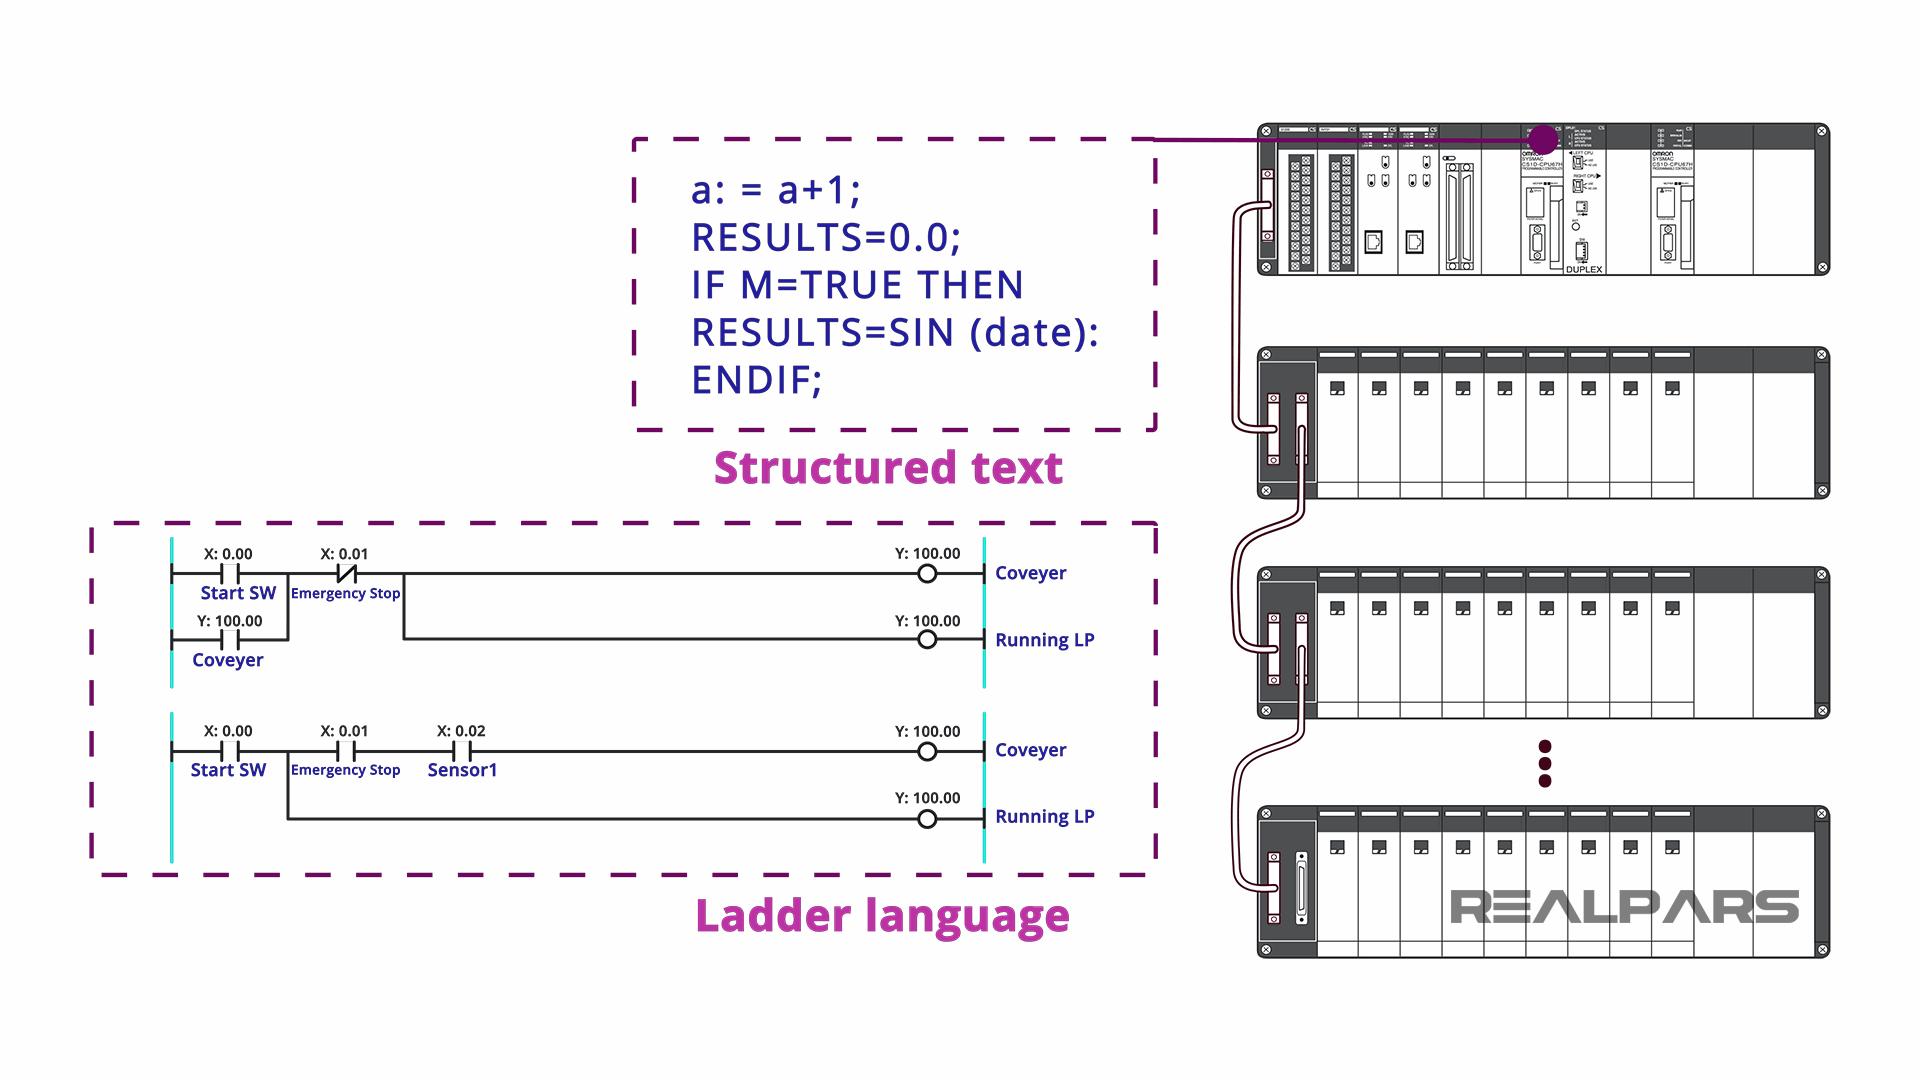 CS1 IEC standard language